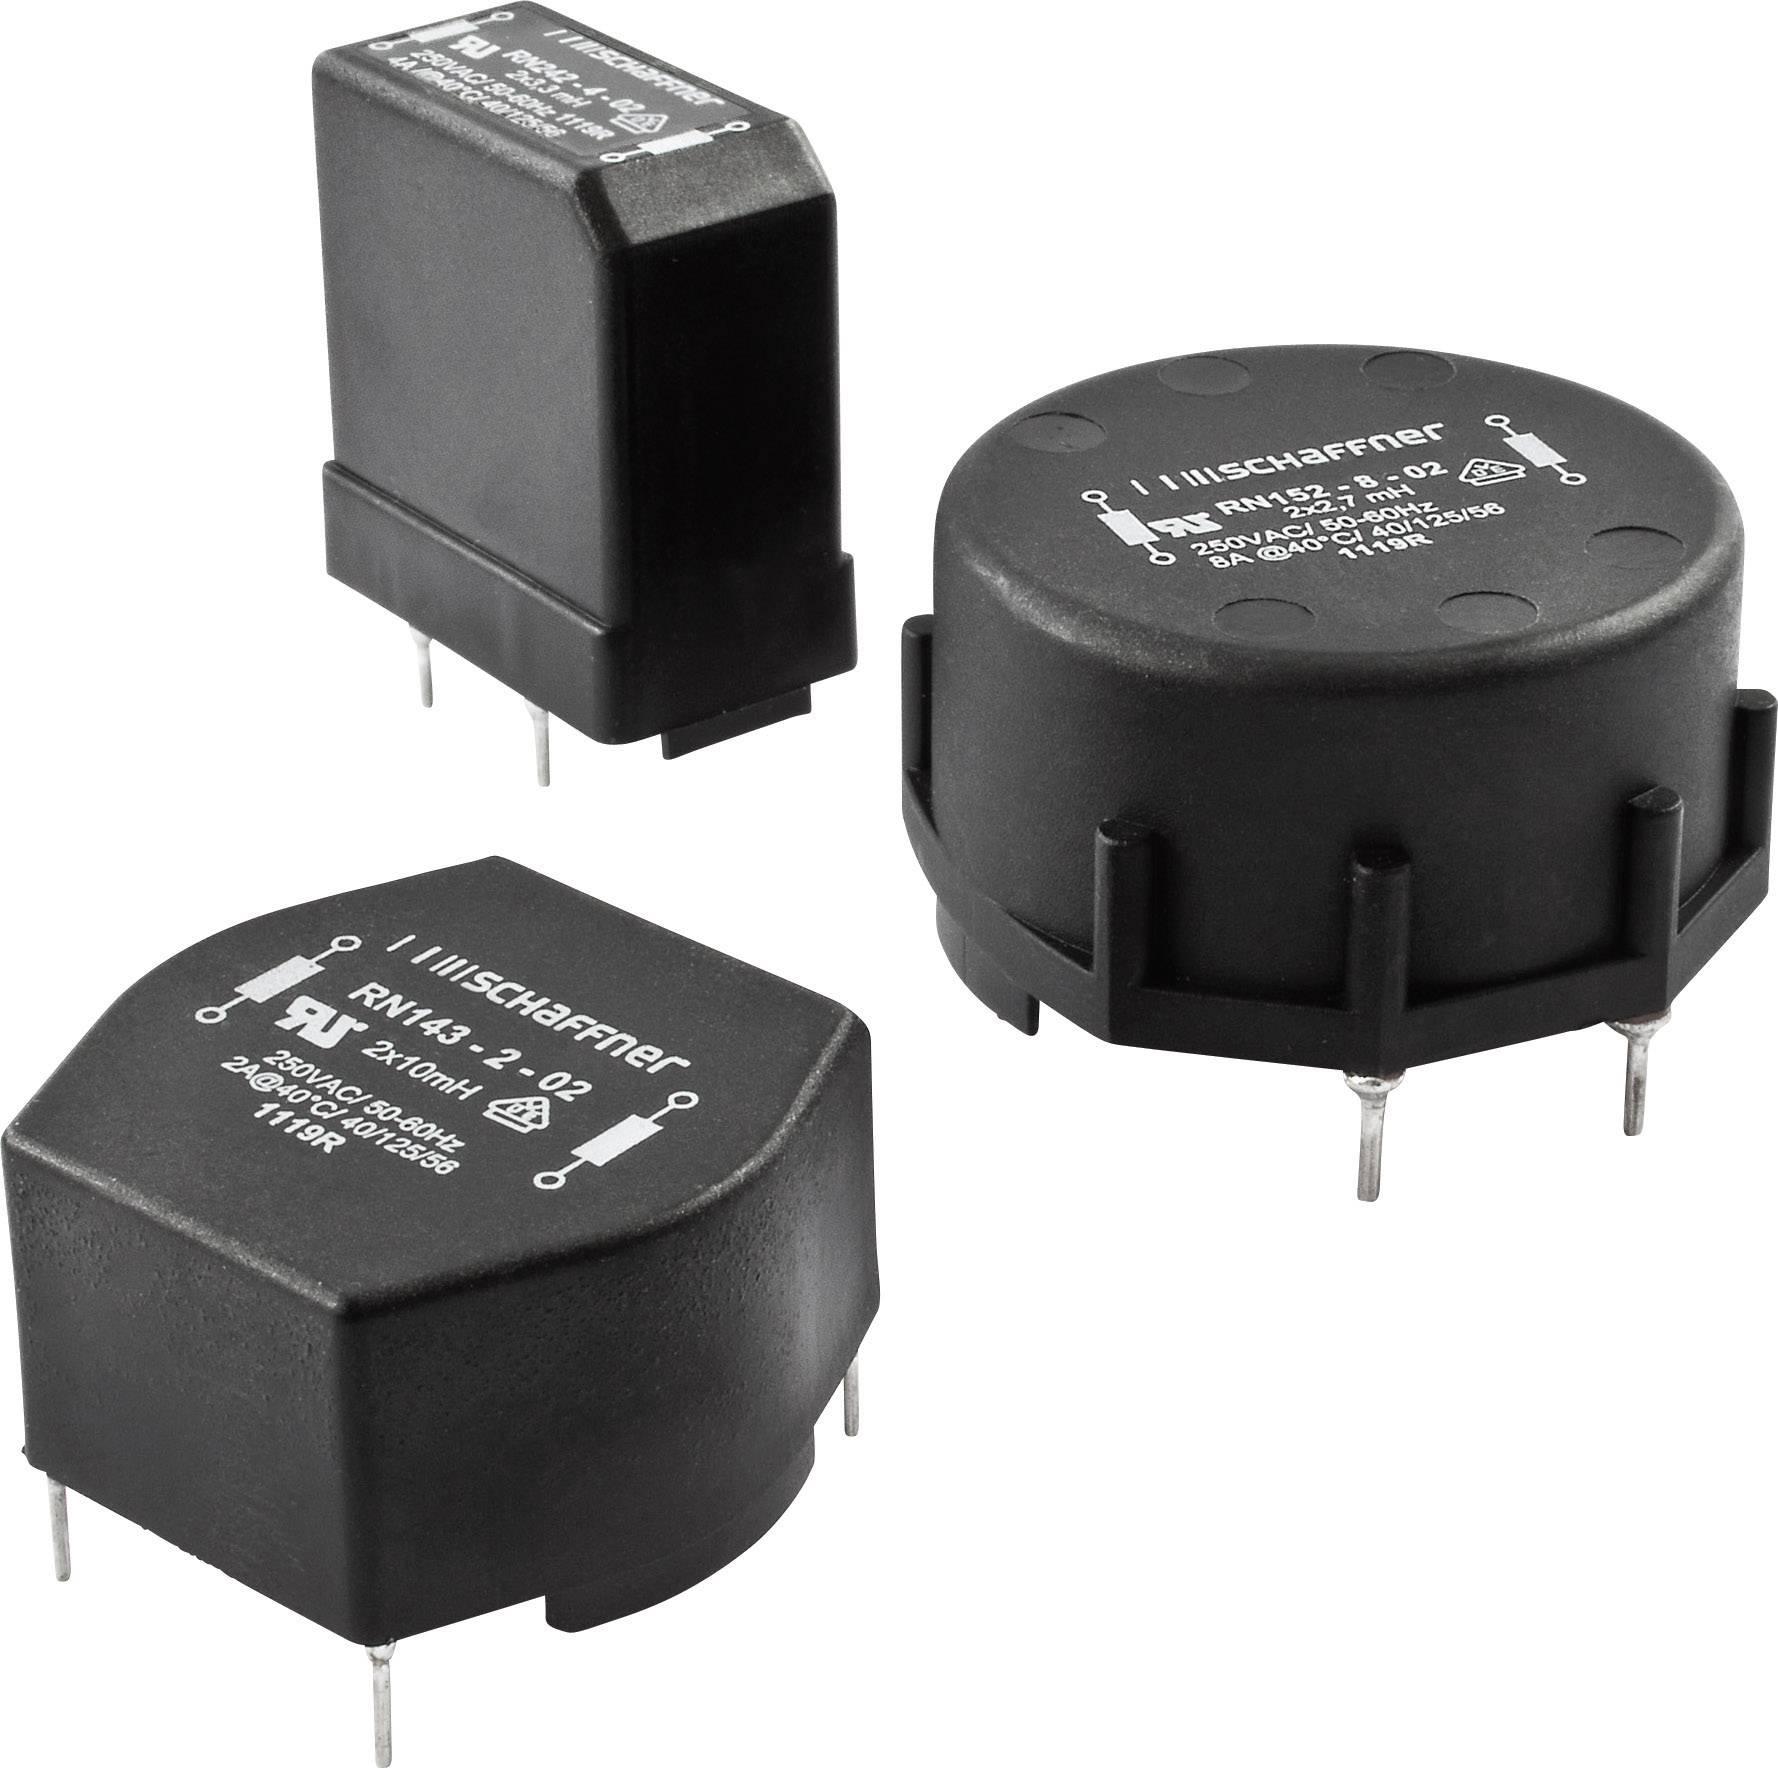 Odrušovací filter Schaffner RN152-8-02 RN152-8-02, 250 V/AC, 8 A, 2.7 mH, (d x š x v) 41.8 x 43 x 25 mm, 1 ks